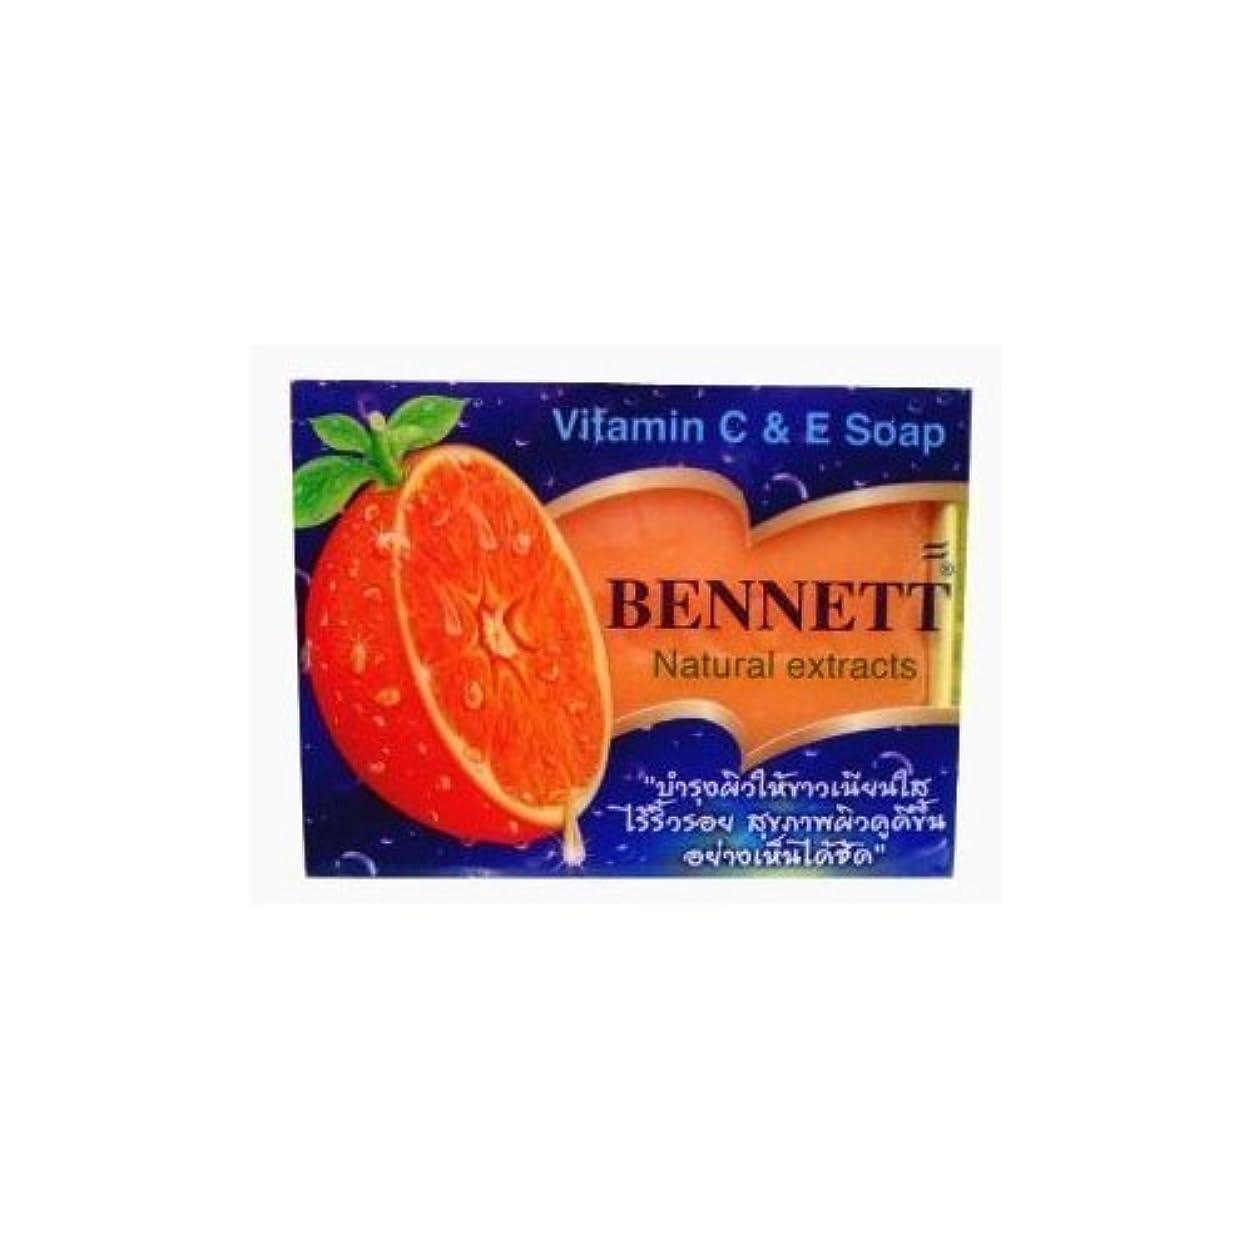 好意的マイナス観光High Vitamin Fruit Extract Body and Face Bar Spa Soap 4.59 0z, Enriched Vitamin C & E Skin Smooth & Anti Acne...